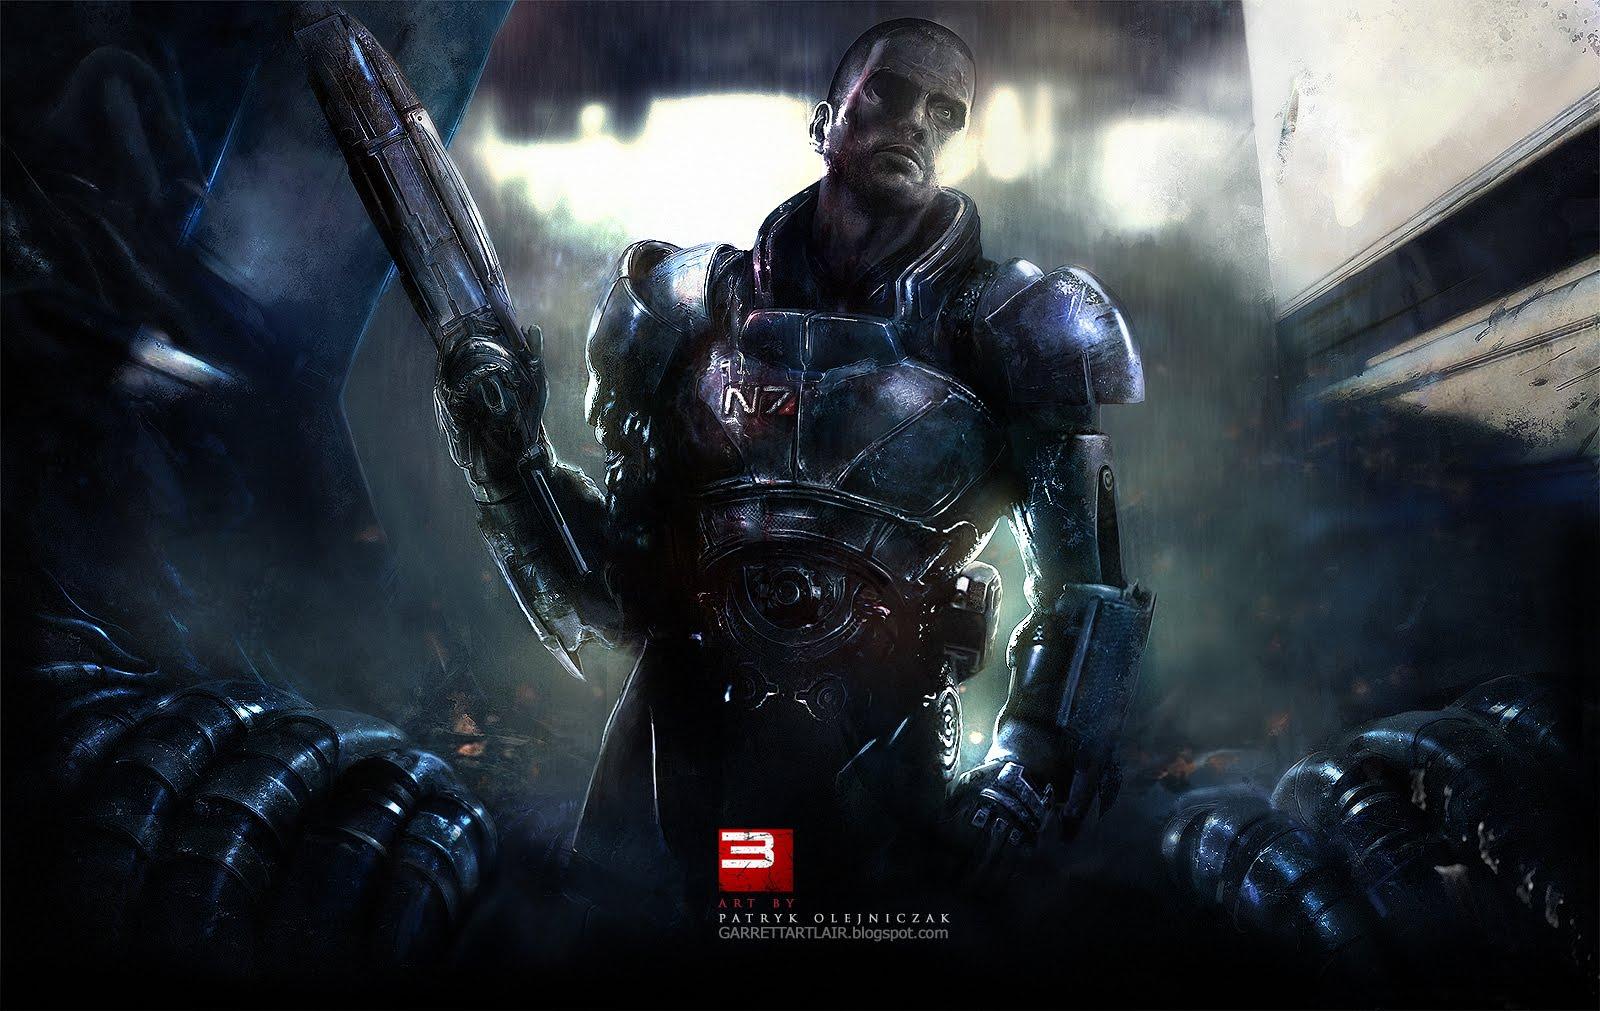 Garrett Art Lair Mass Effect 3 Teaser Wallpaper